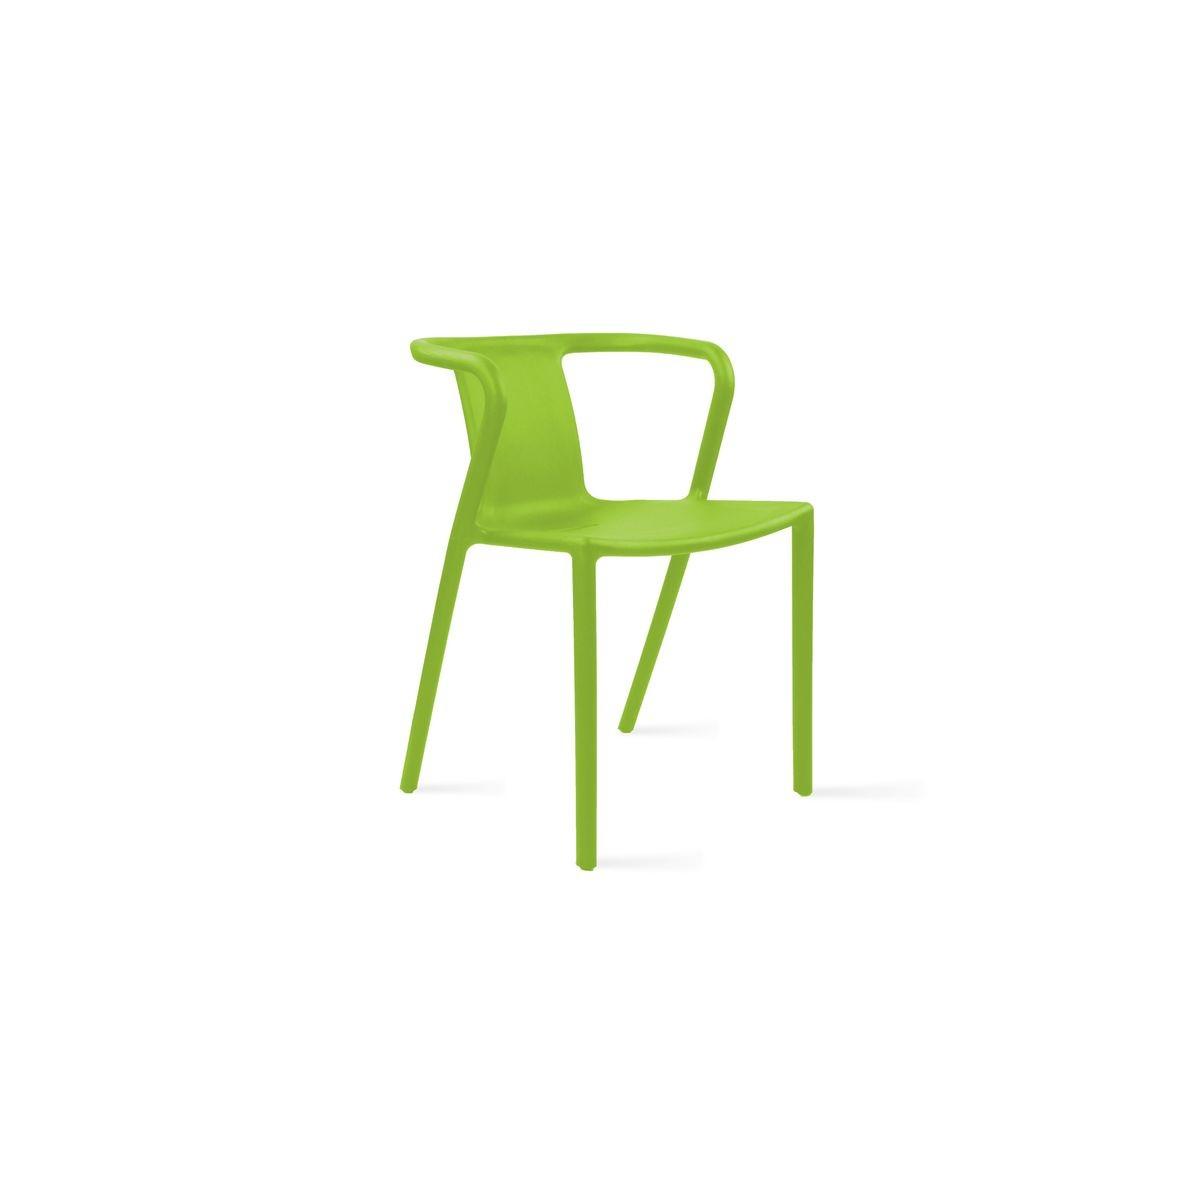 Fauteuil De Jardin Design En Plastique Berlin Chaise Plastique Chaise De Jardin